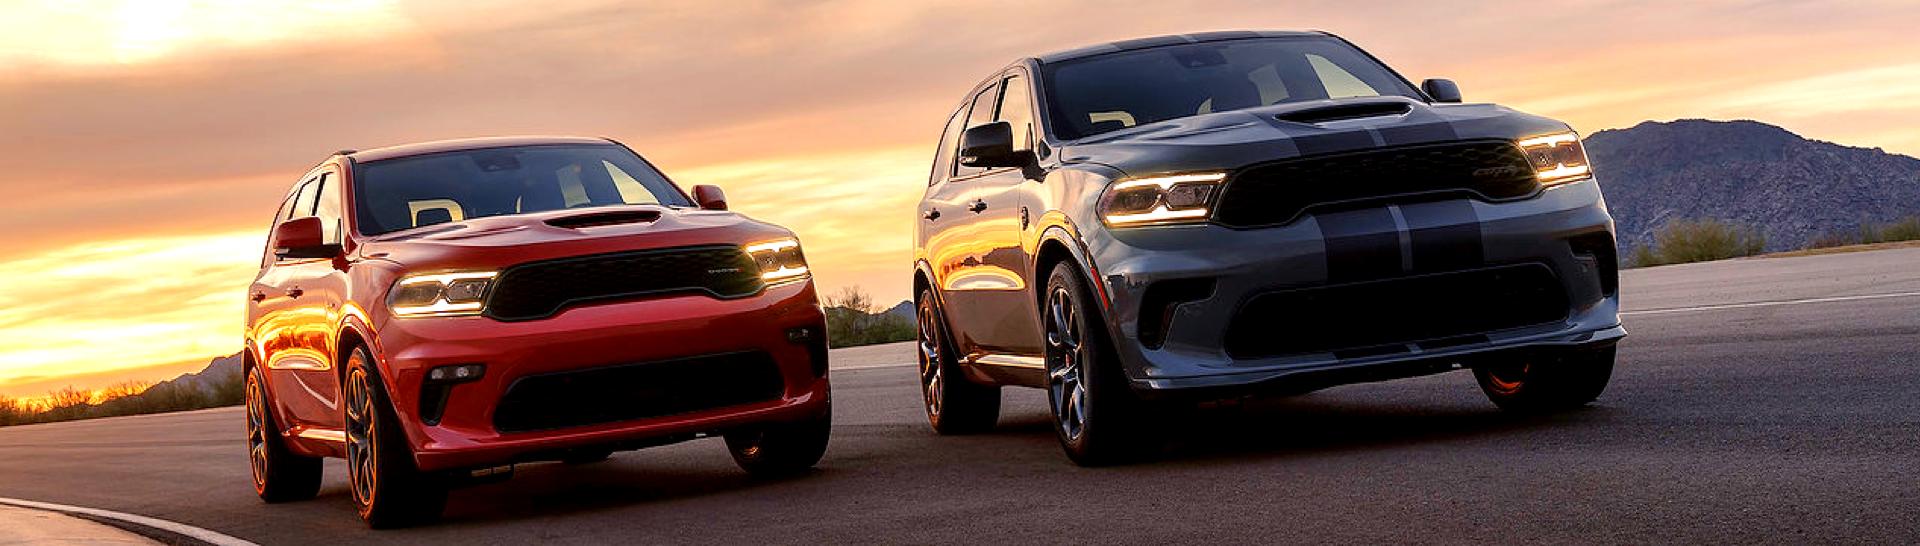 2021 Dodge Durangos next to each other.